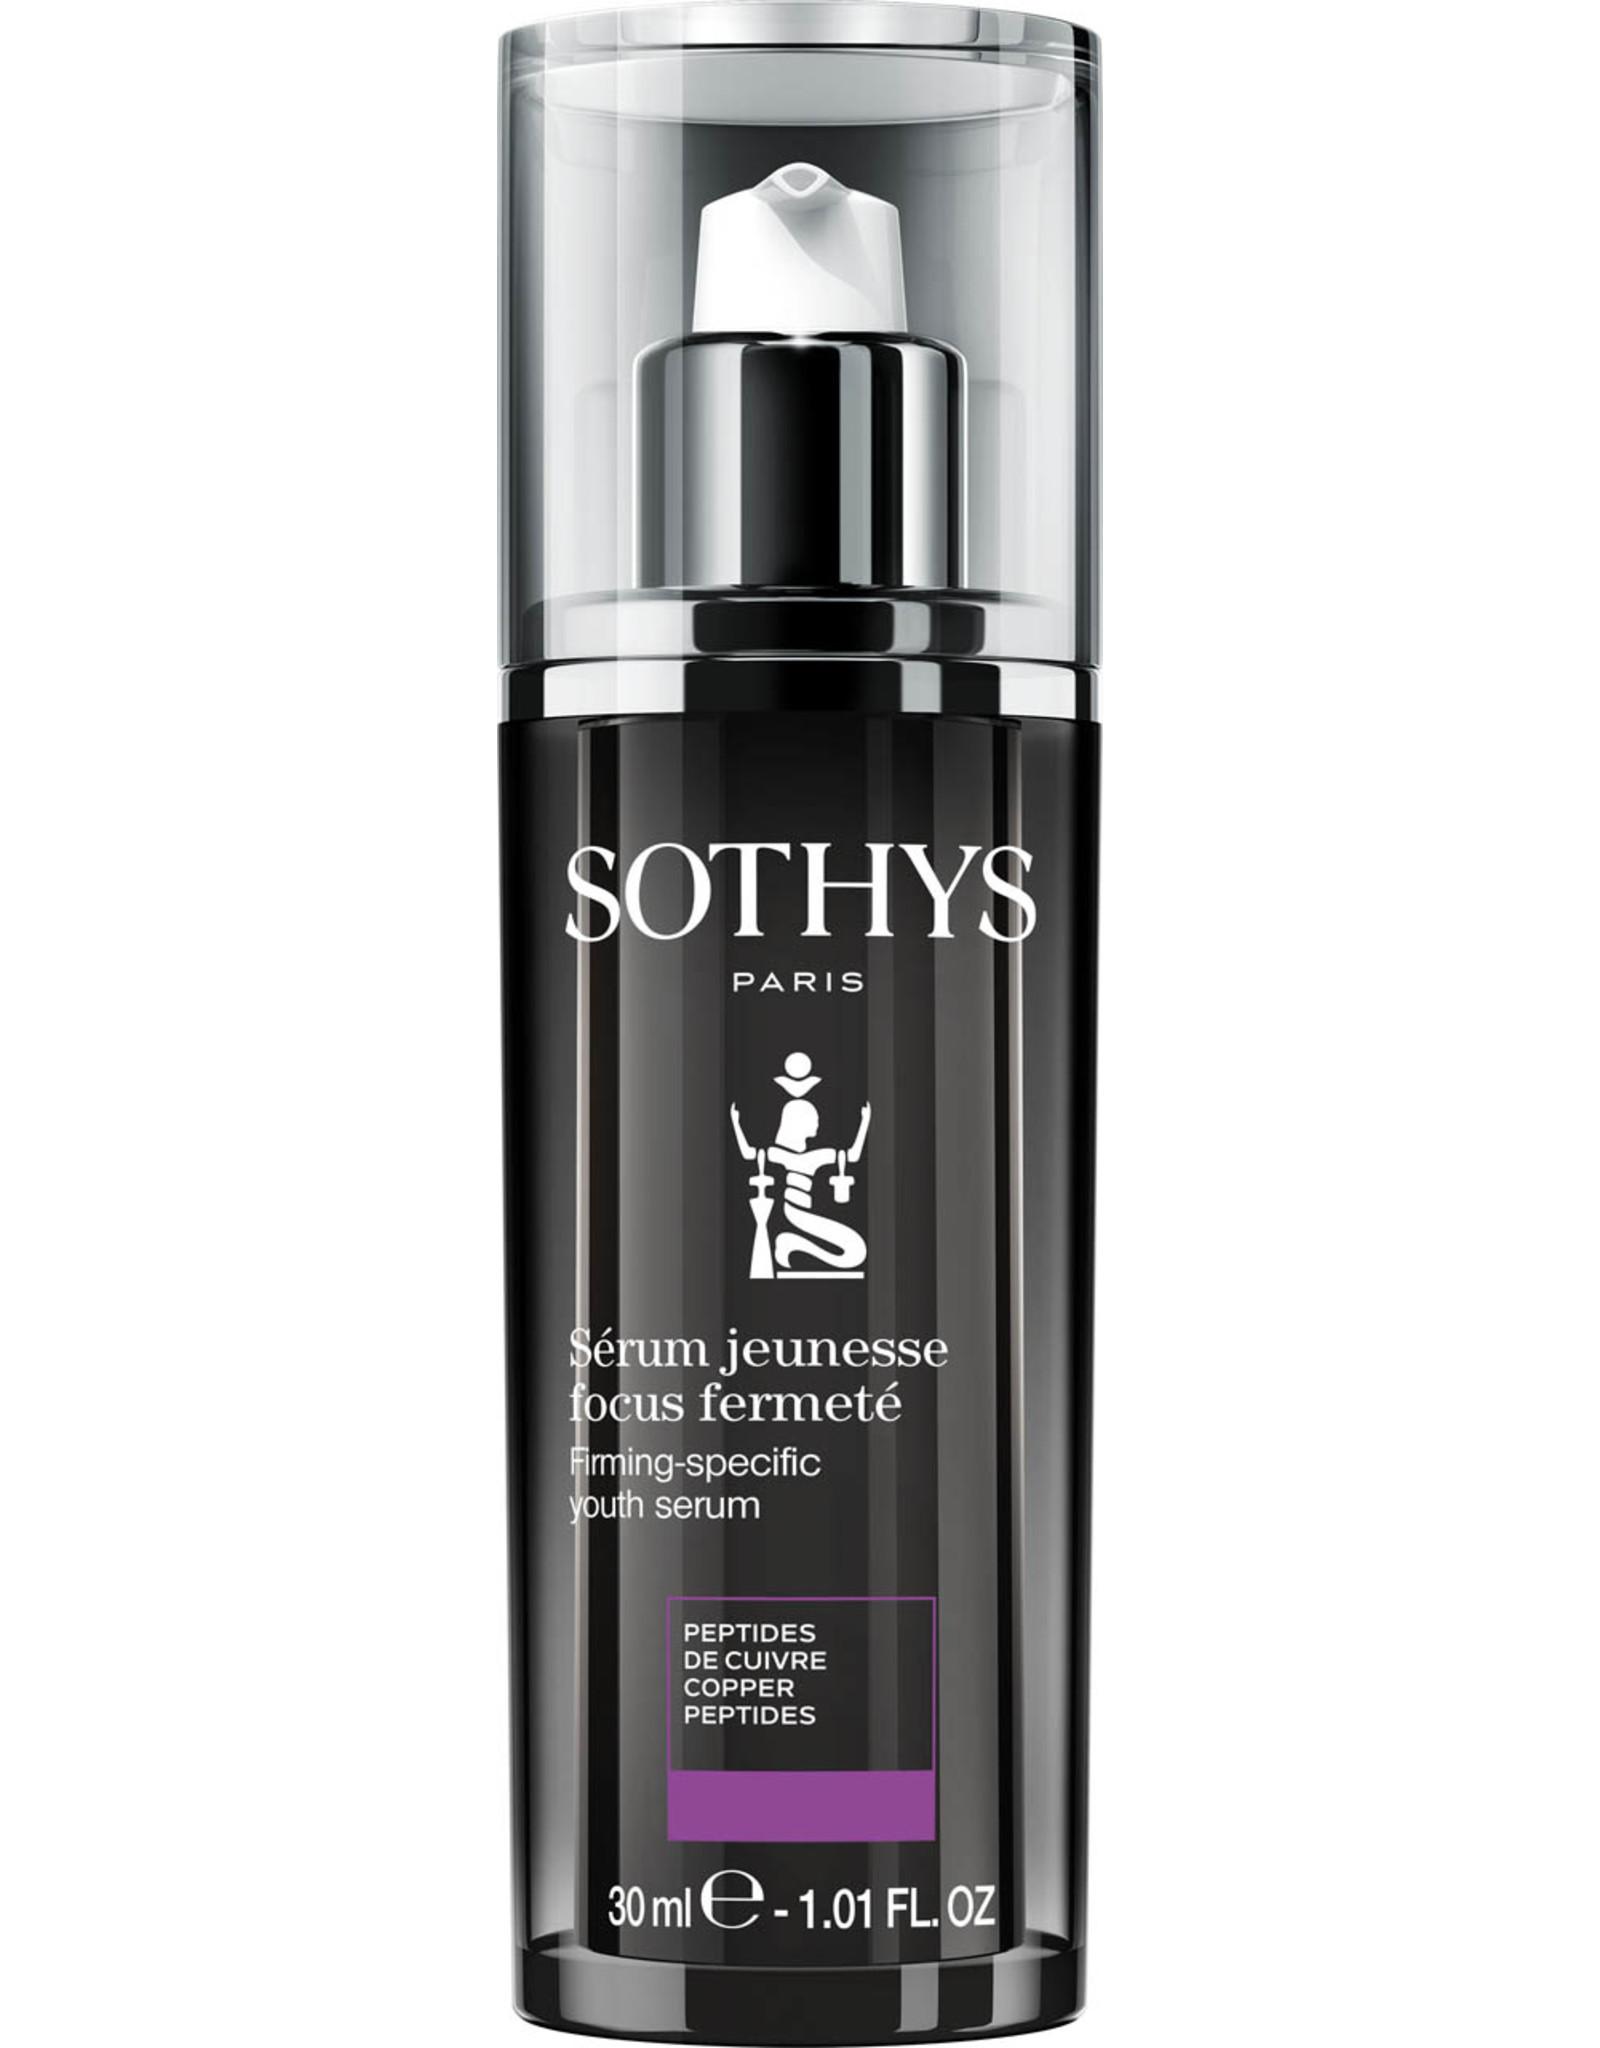 SOTHYS Sérum jeunesse focus fermeté - Sothys